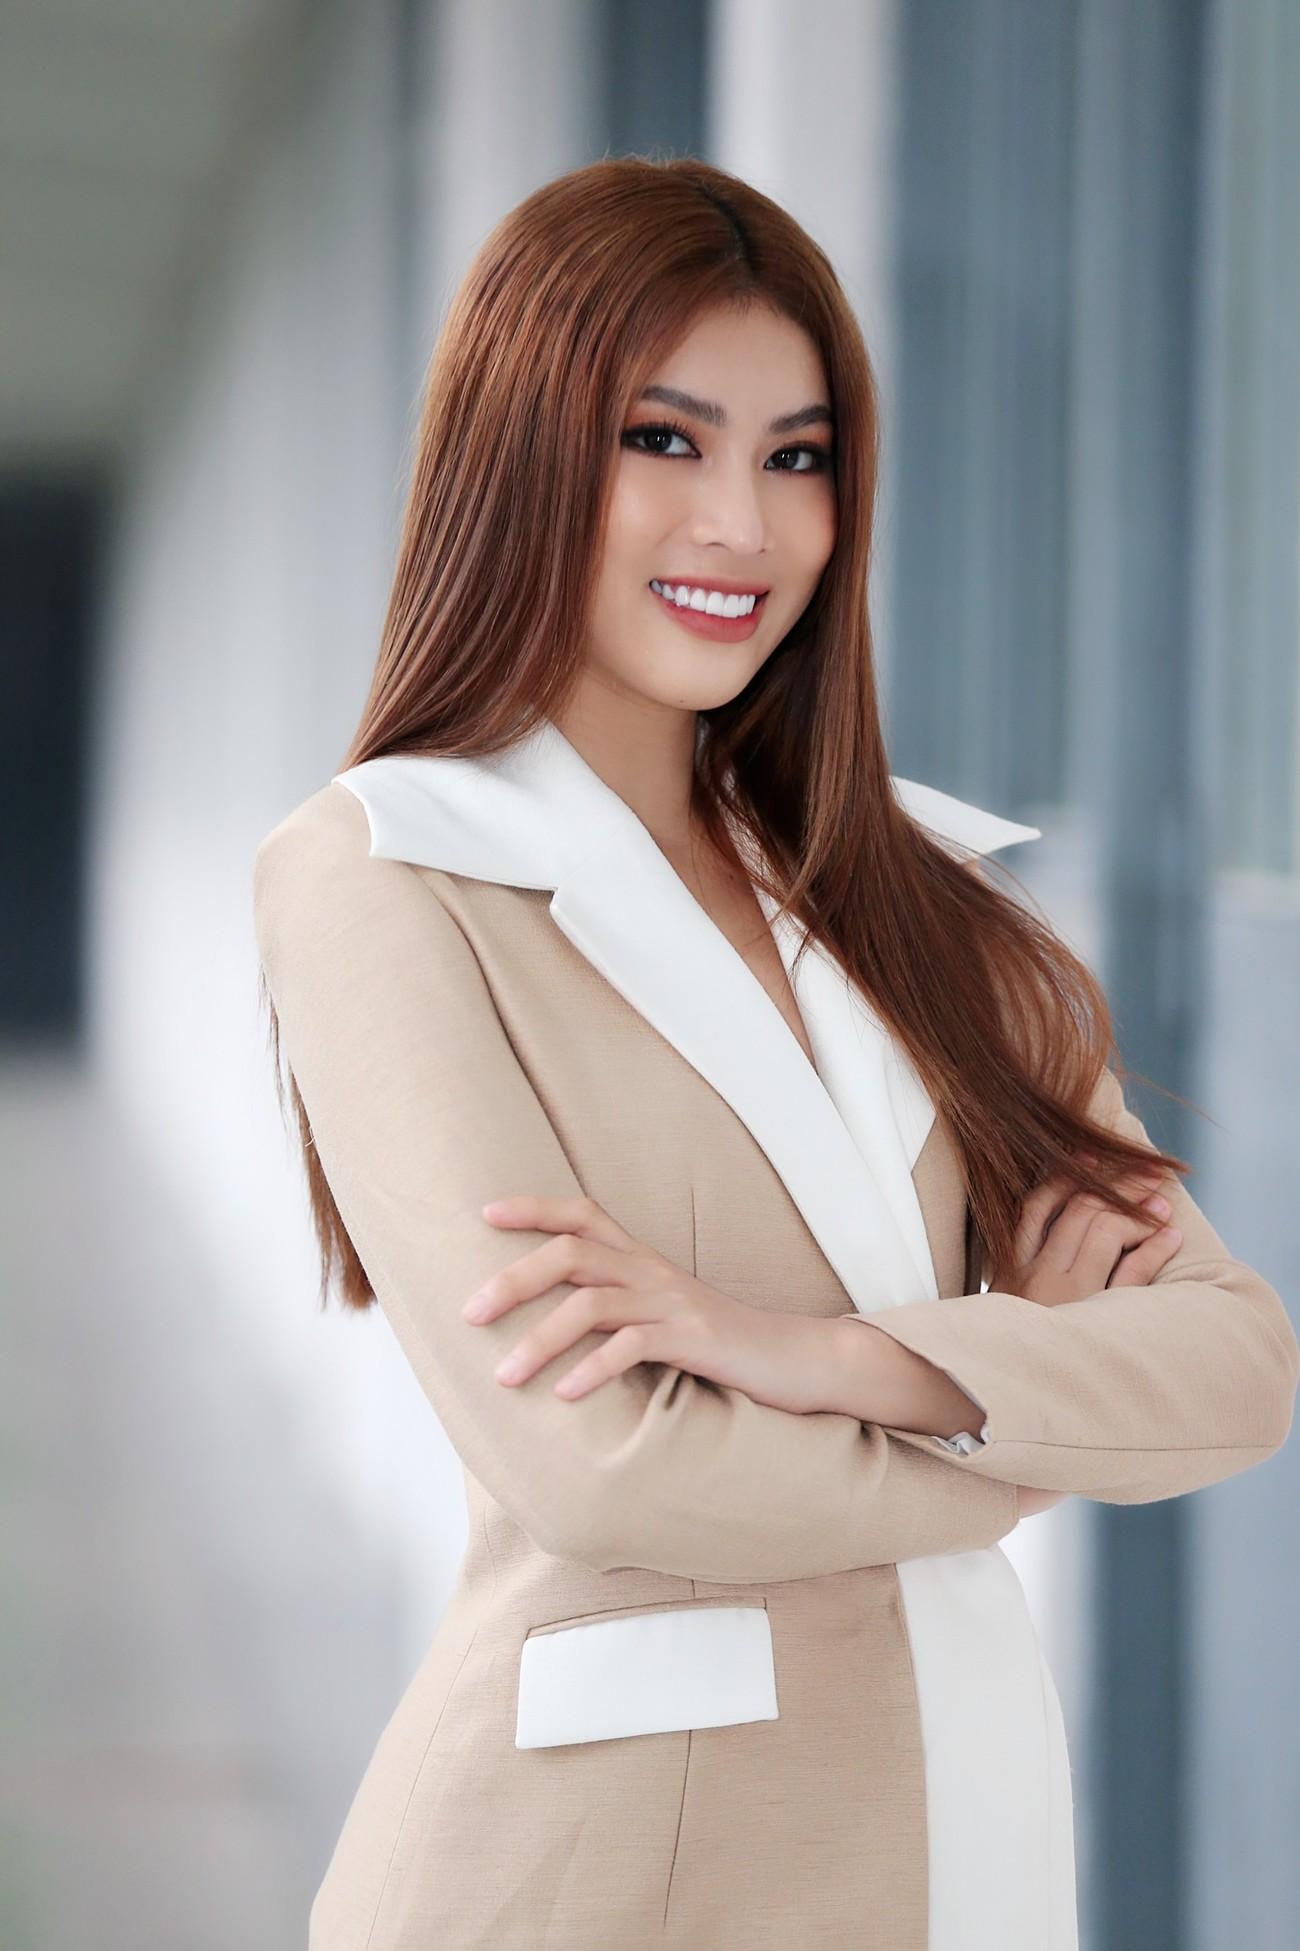 Hoa hậu Đỗ Thị Hà và Á hậu Phương Anh, Ngọc Thảo giản dị vẫn cực xinh đẹp ảnh 9